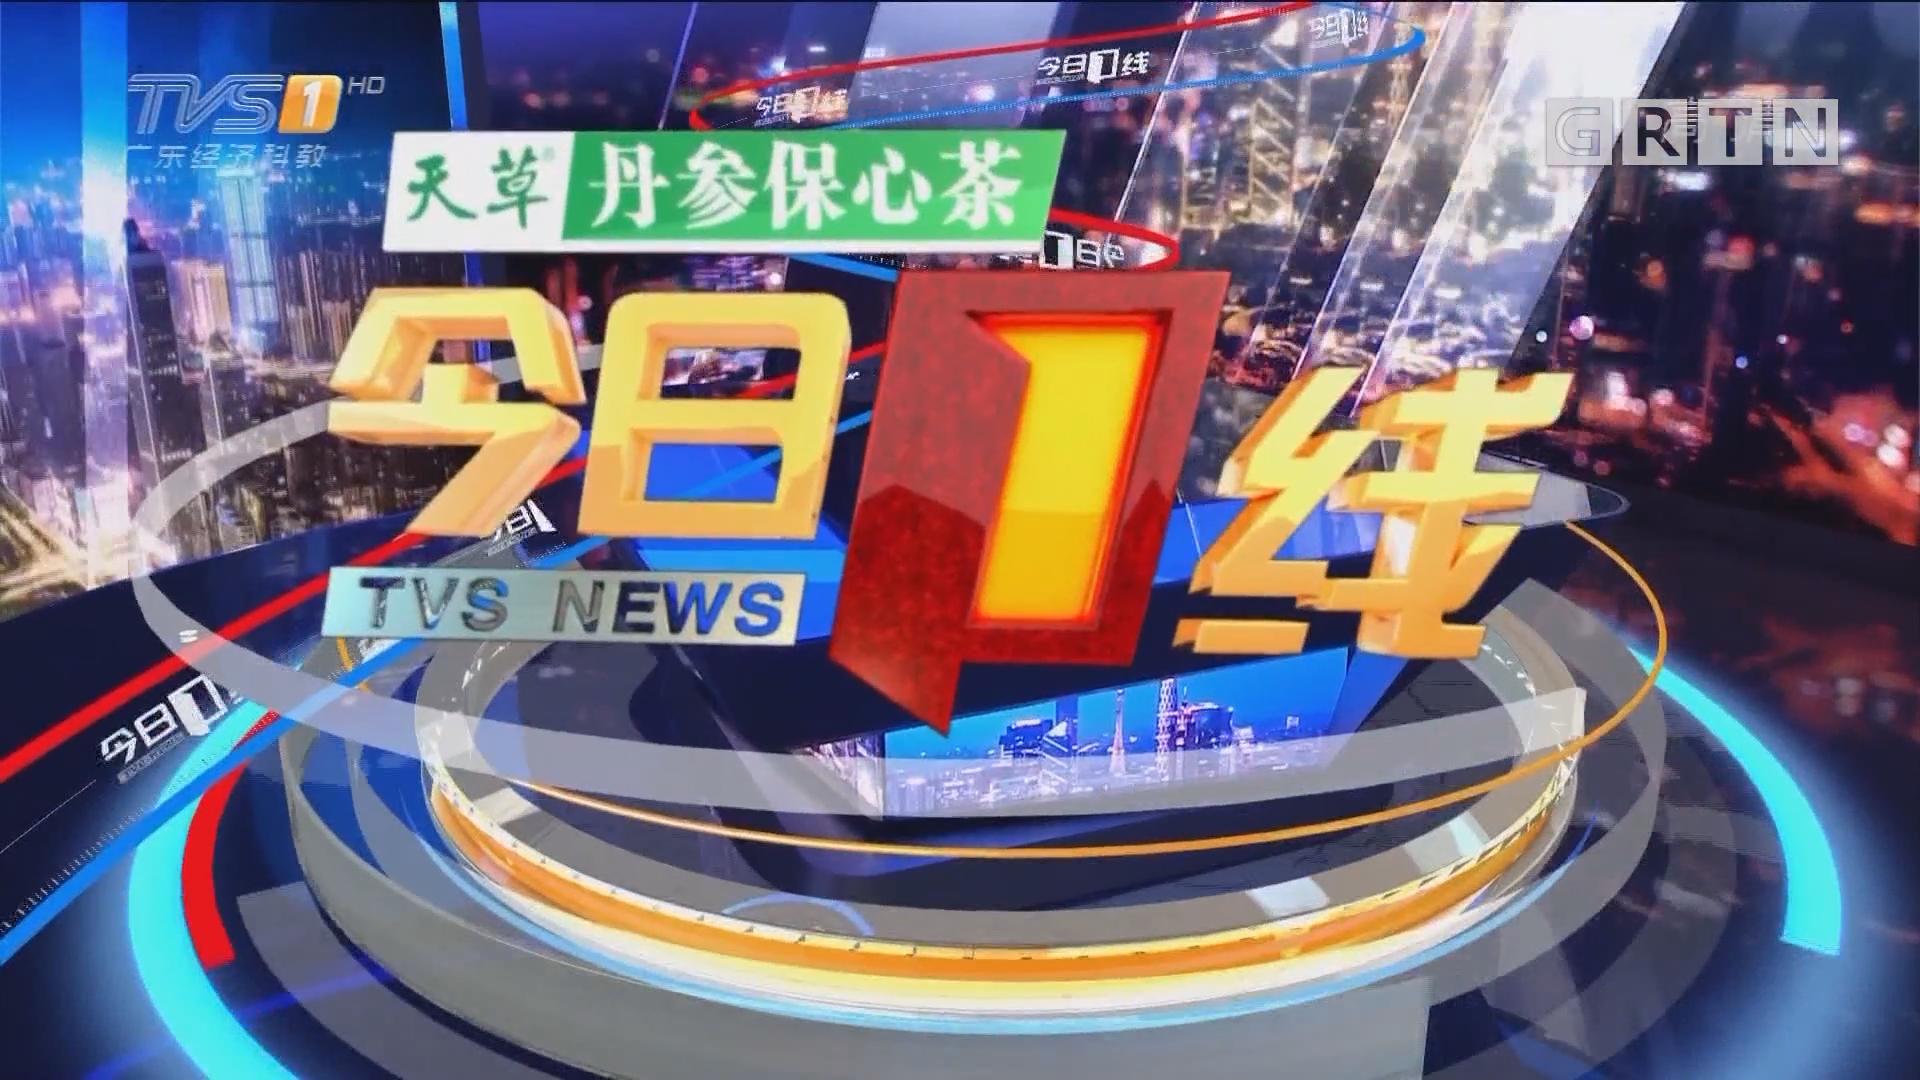 [HD][2019-02-07]今日一线:虎门大桥:春节前四天 虎门大桥日均车流超9万车次